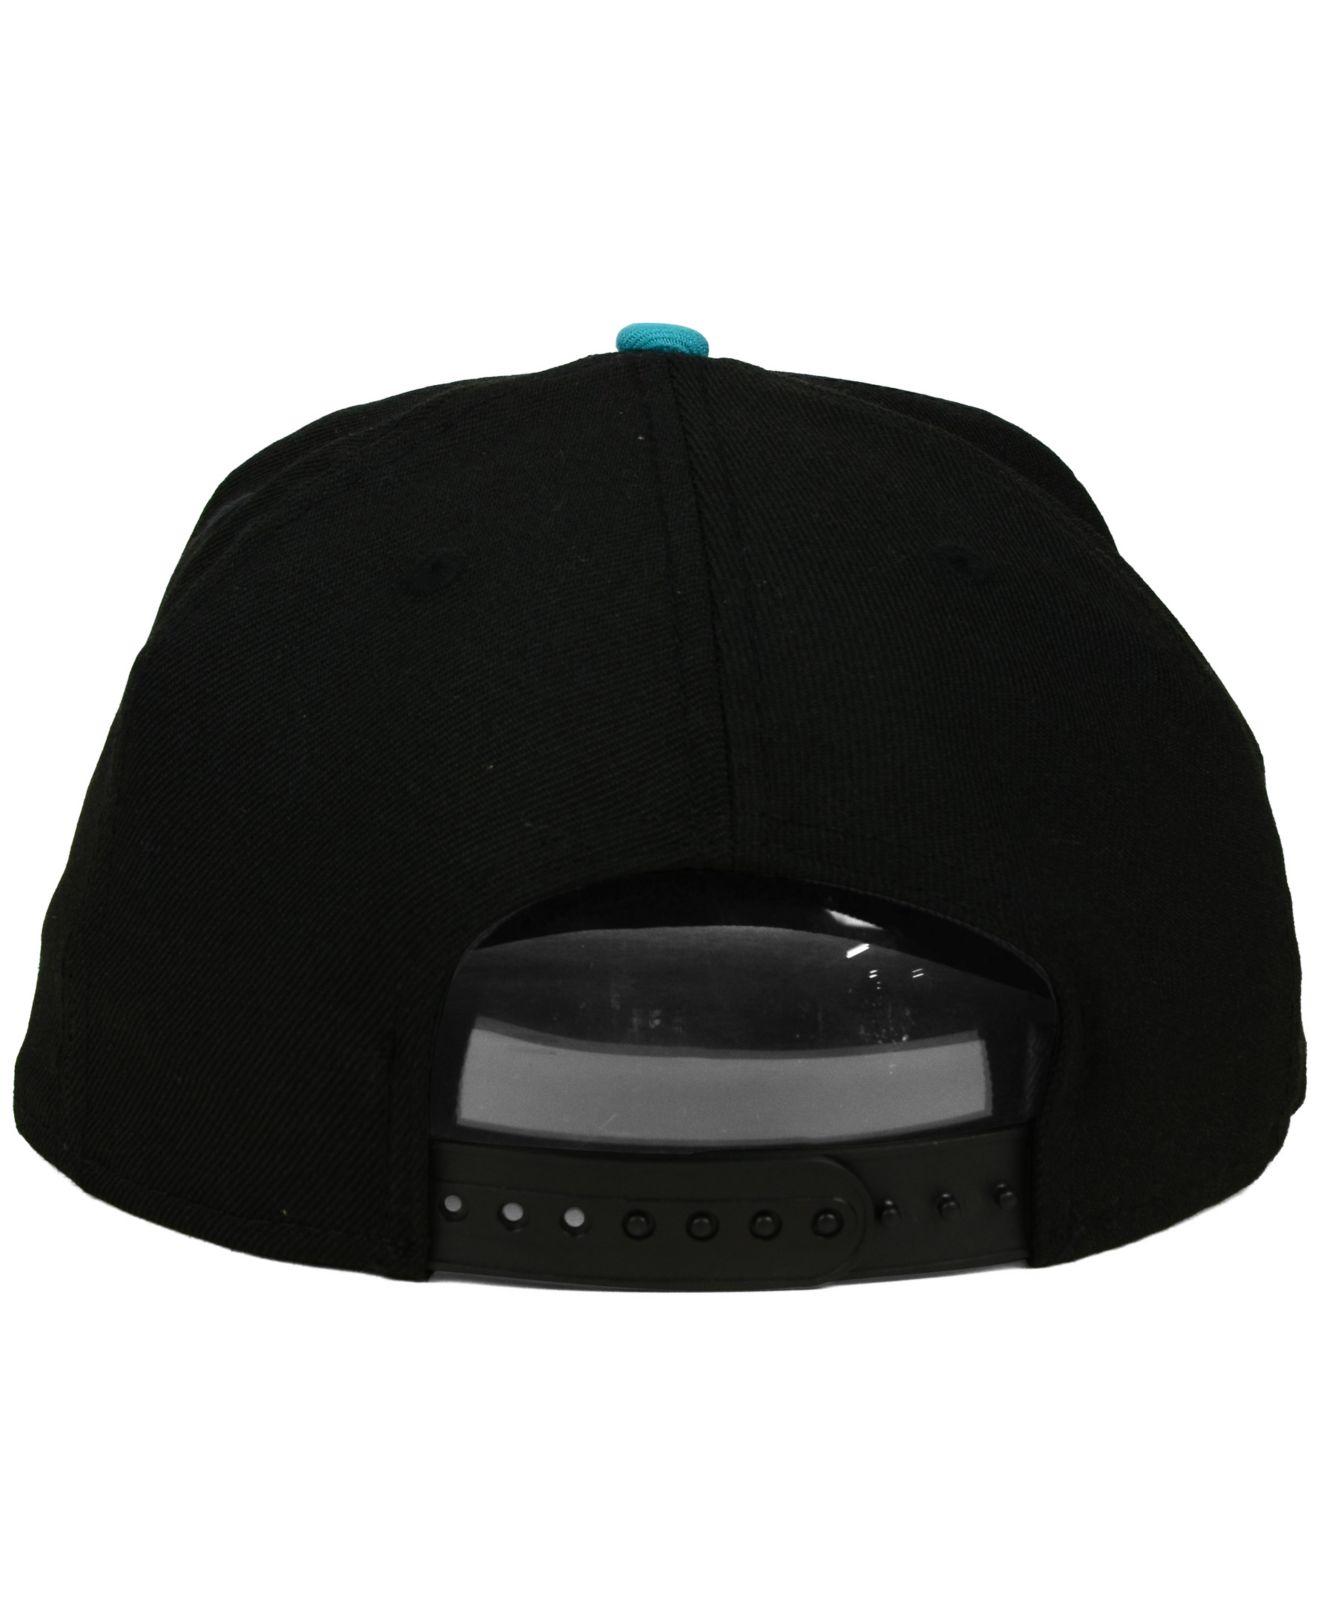 c781faa6 ... good lyst ktz florida marlins coop flip 9fifty snapback cap in black  6a562 2c31a ...